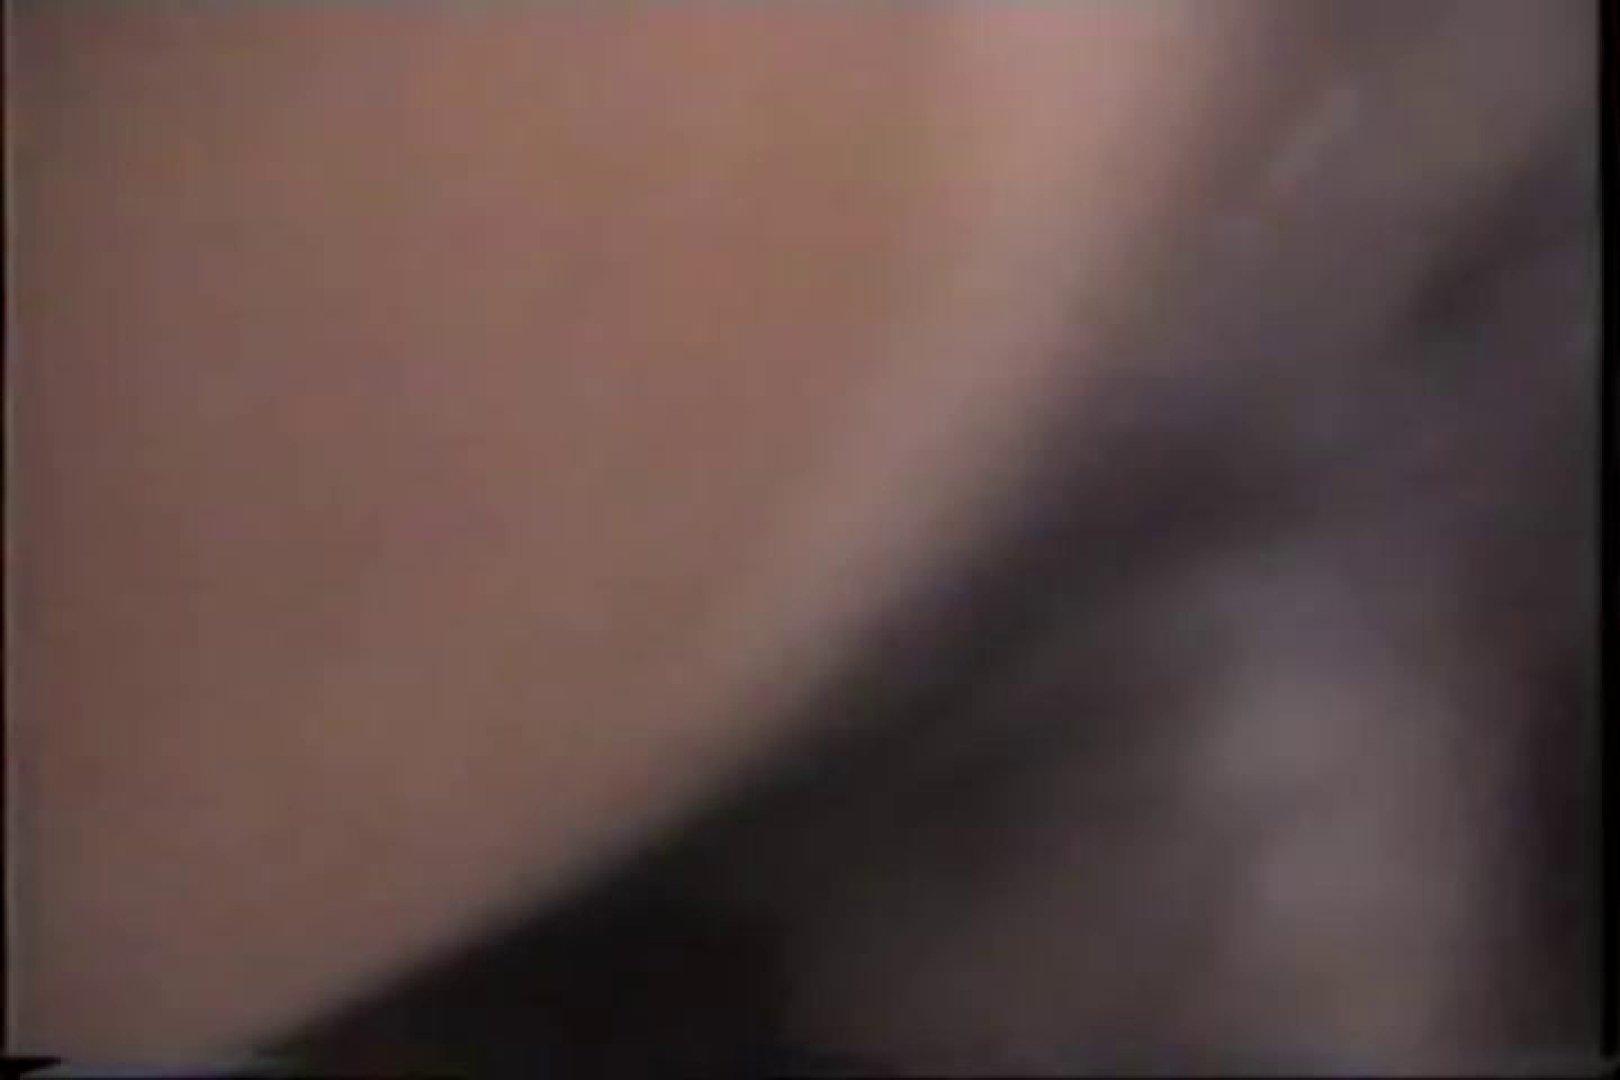 ウイルス流出 純子とてつやの指マン潮吹き&生セックス 素人流出動画 女性器鑑賞 104枚 78